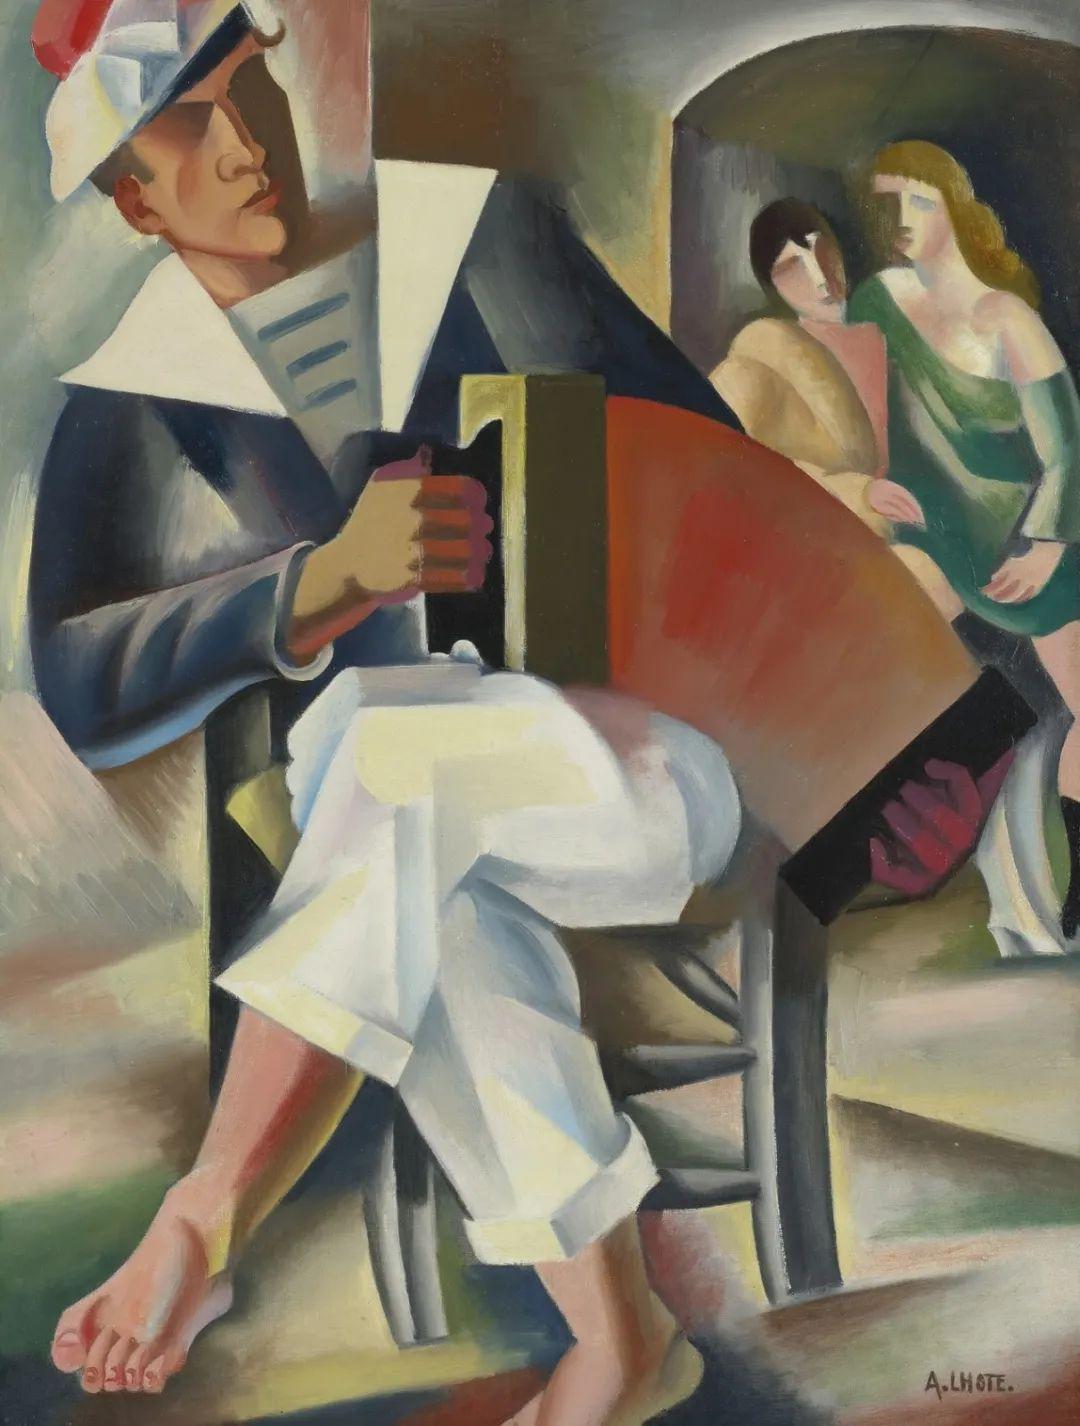 立体派,法国画家安德烈·洛特插图125